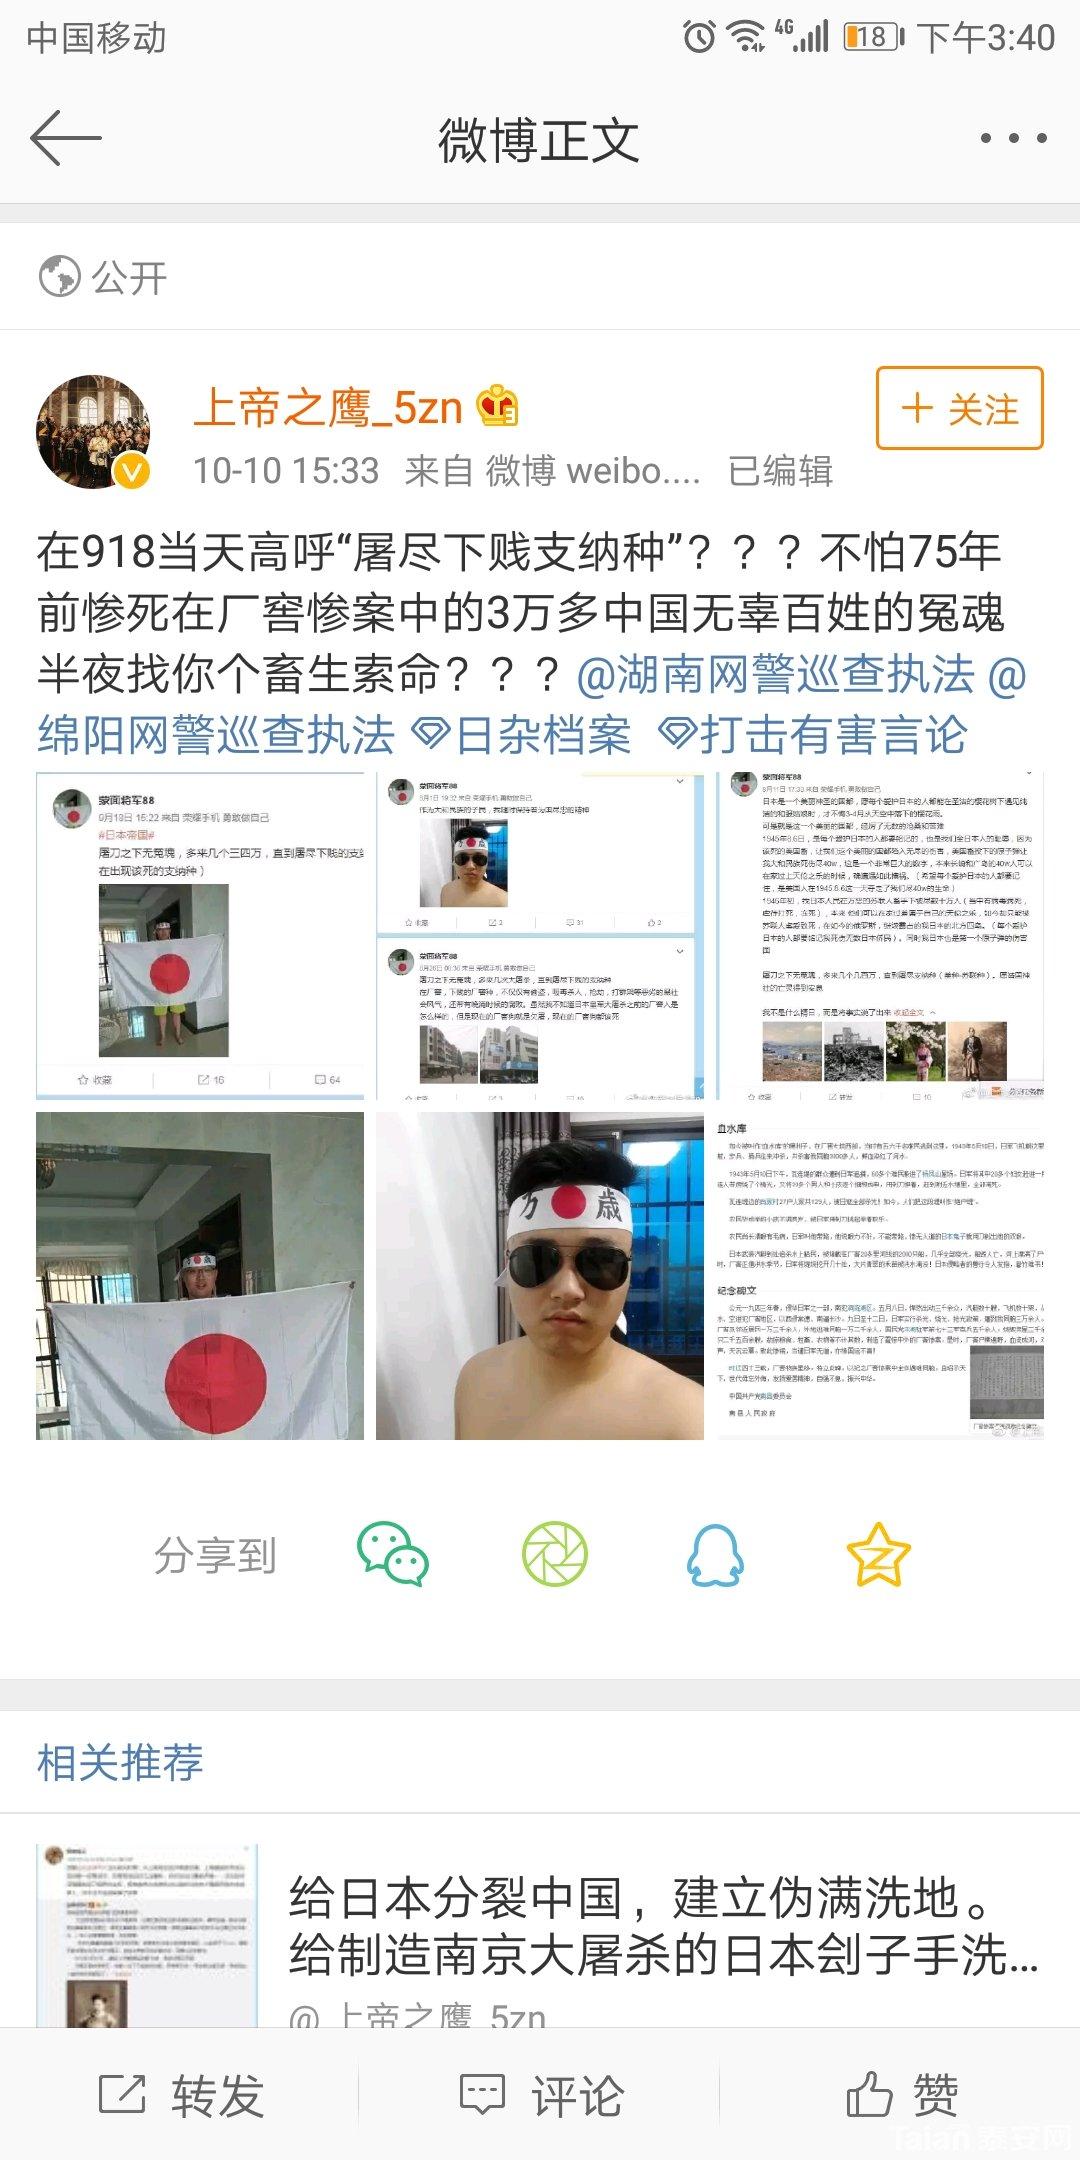 Screenshot_20181011-154052.jpg